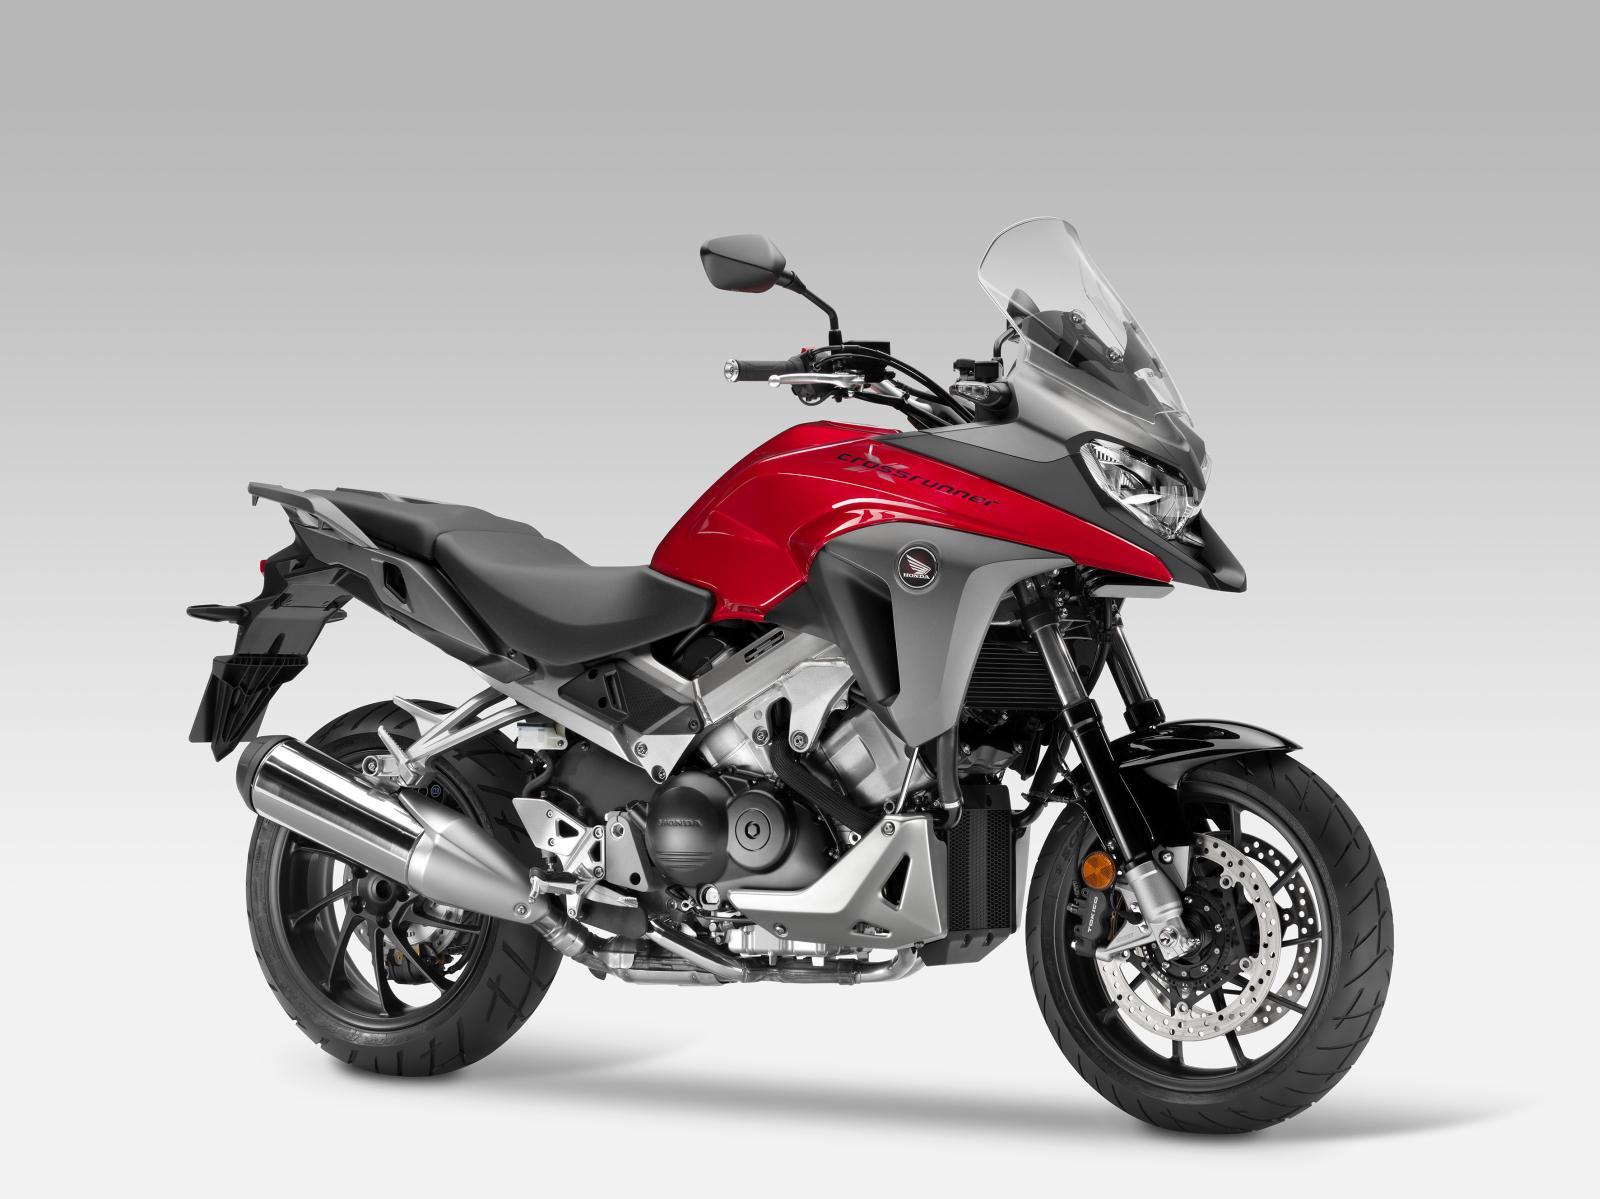 Honda Vfr800x Crossrunner 2015 Motorrad Fotos Amp Motorrad